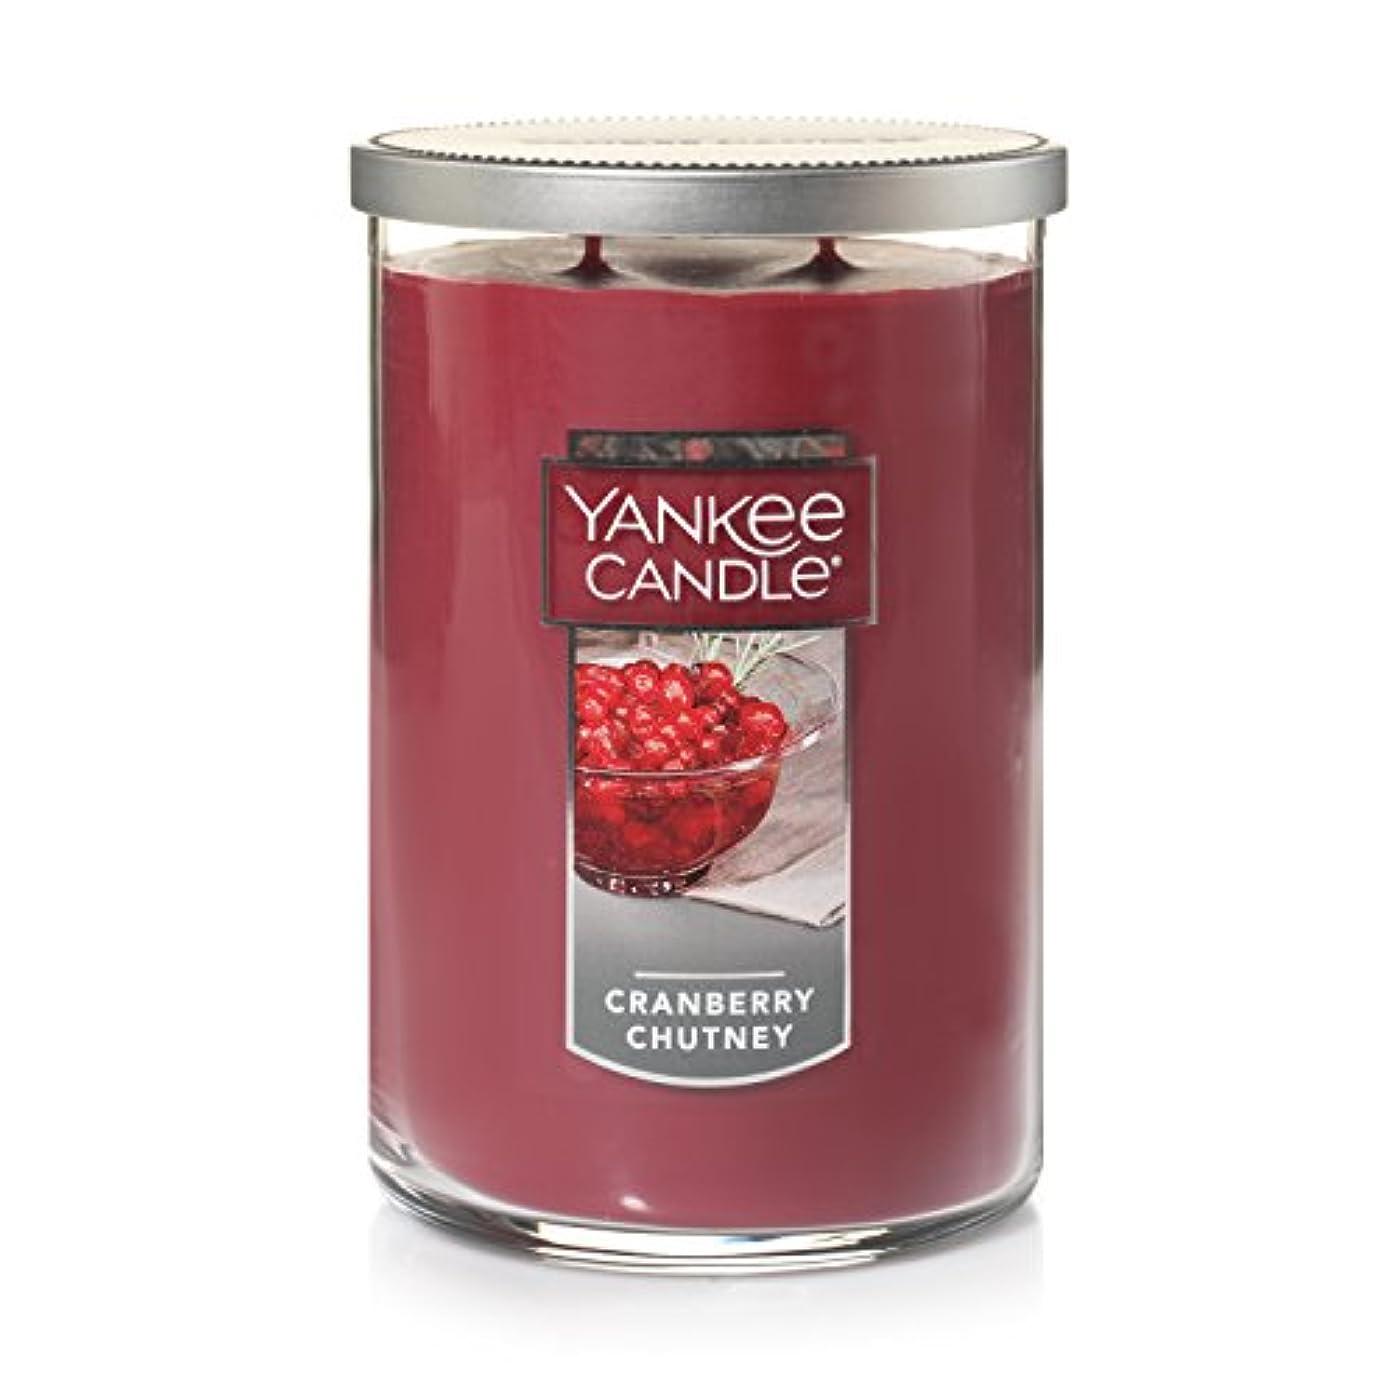 空白キャプテンブライオーバードローYankee CandleクランベリーChutney、フルーツ香り Large 2-Wick Tumbler Candle オレンジ 1123208